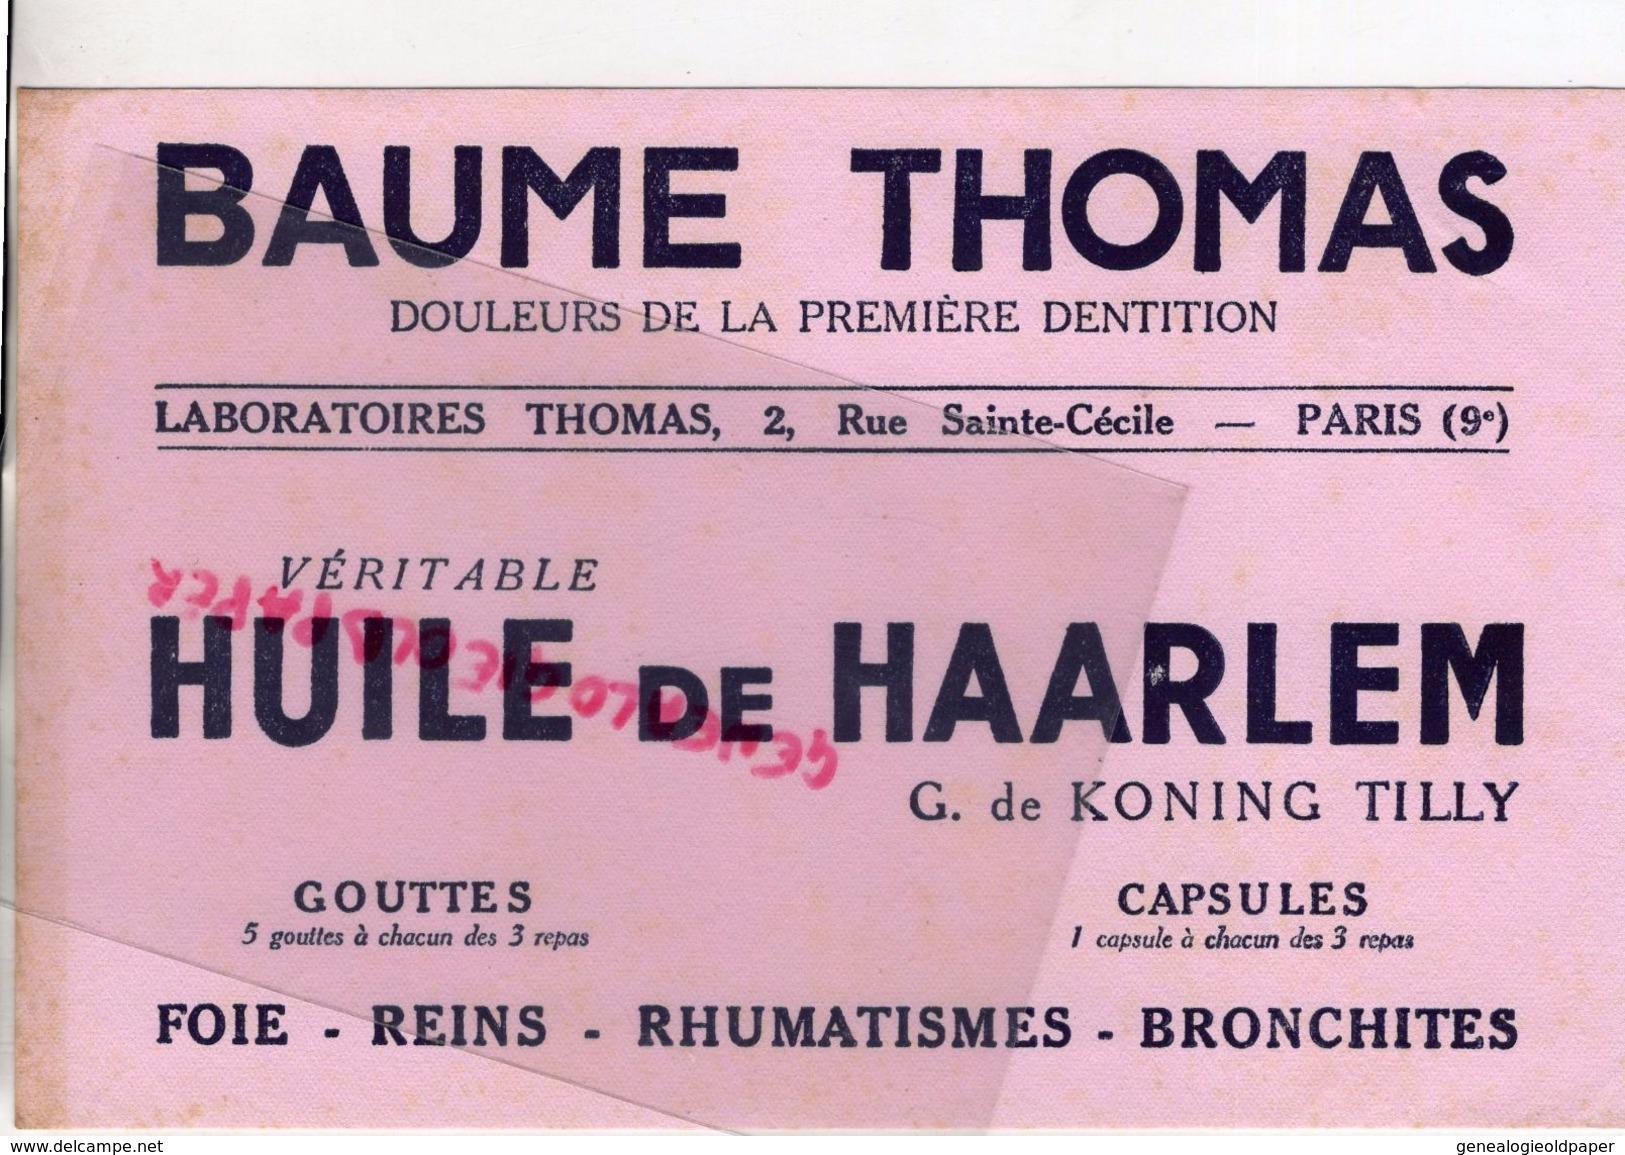 75- PARIS- BUVARD BAUME THOMAS-HUILE DE HAARLEM G. DE KONING TILLY-PHARMACIE DOULEURS 1ERE DENTITION- DENTS DENTAIRE - Produits Pharmaceutiques